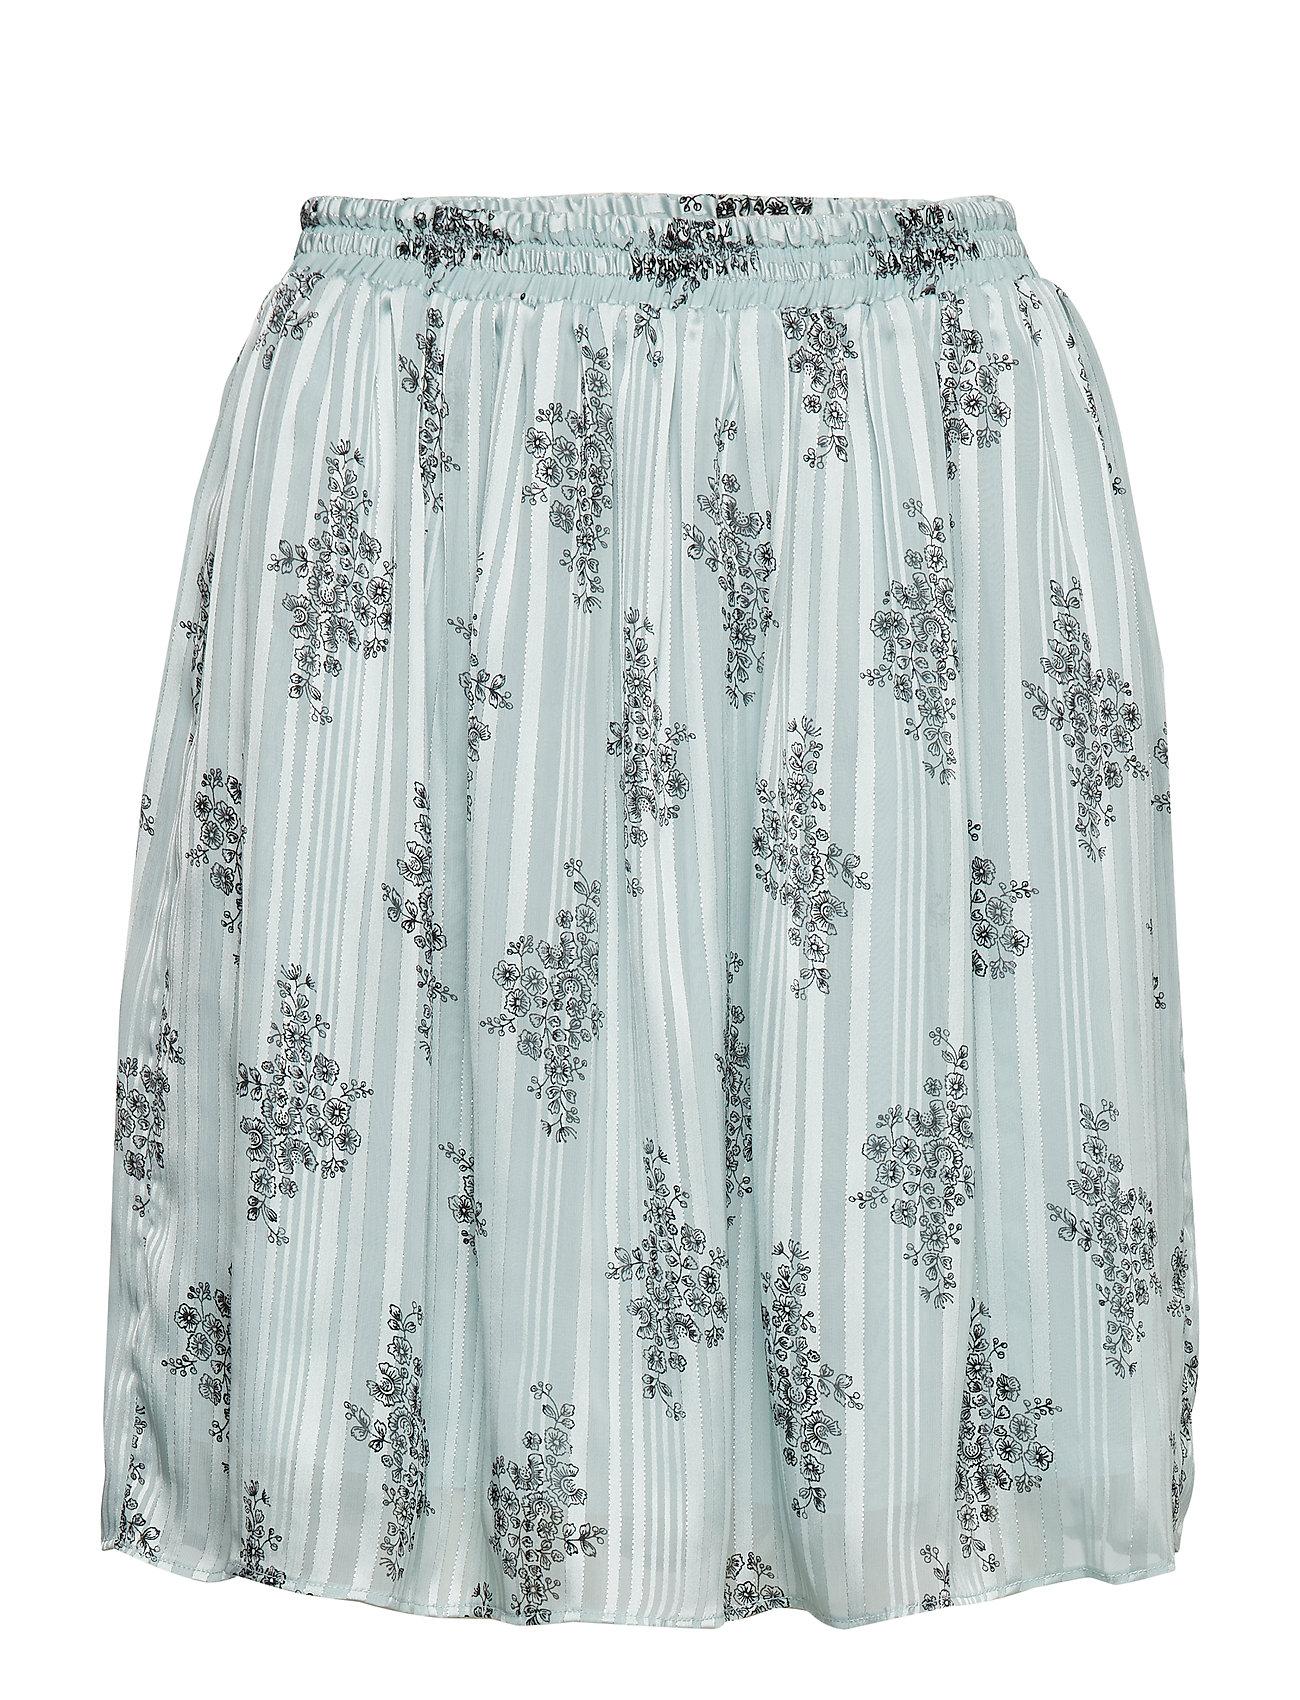 Skirtcloud PrintRosemunde Blue Blue Flower Skirtcloud Aq543RjL